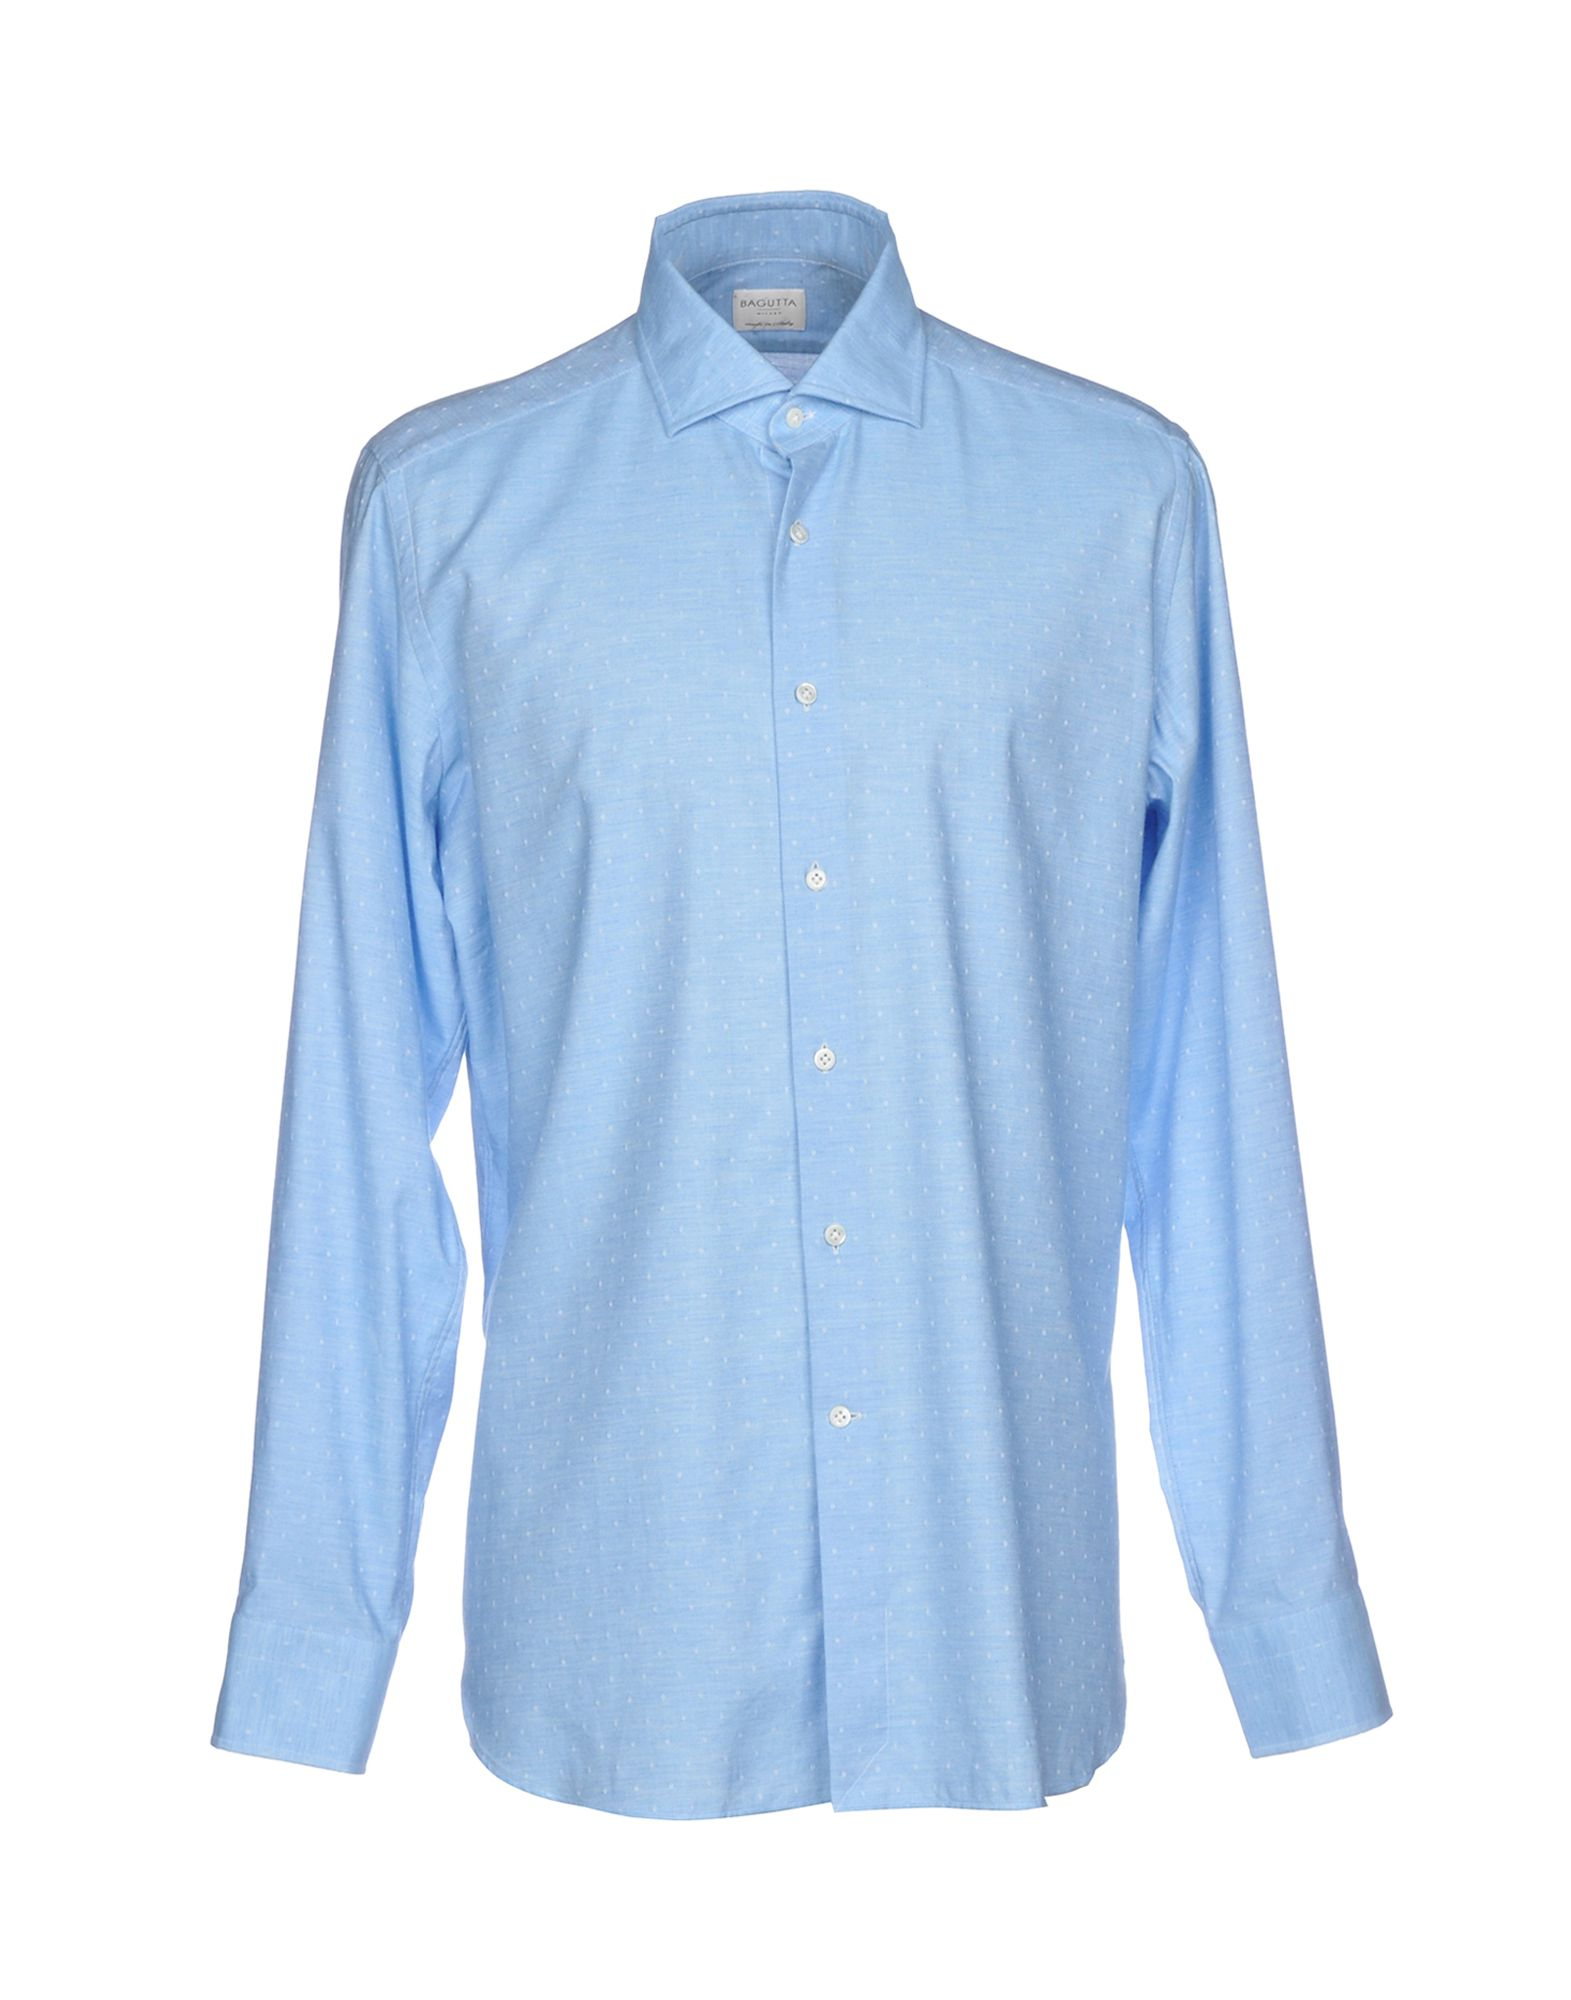 《送料無料》BAGUTTA メンズ シャツ アジュールブルー 38 コットン 100%